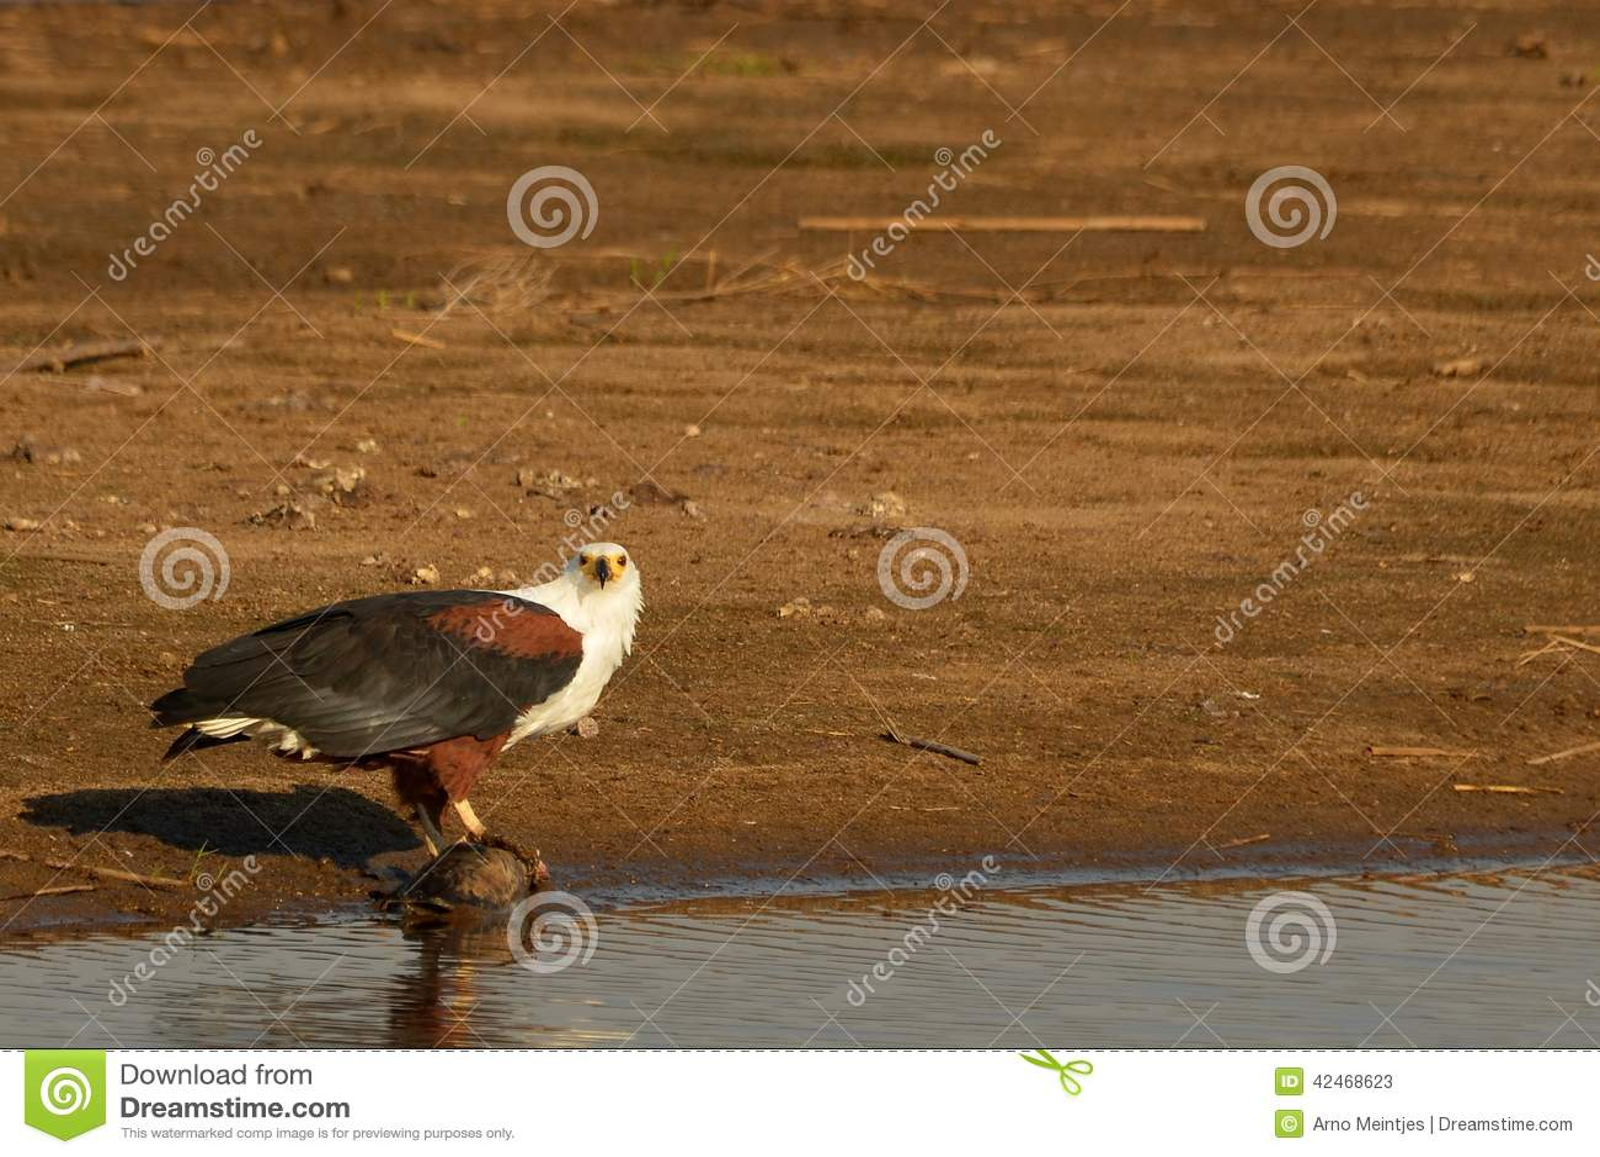 African Fish Eagle (Haliaeetus vocifer)